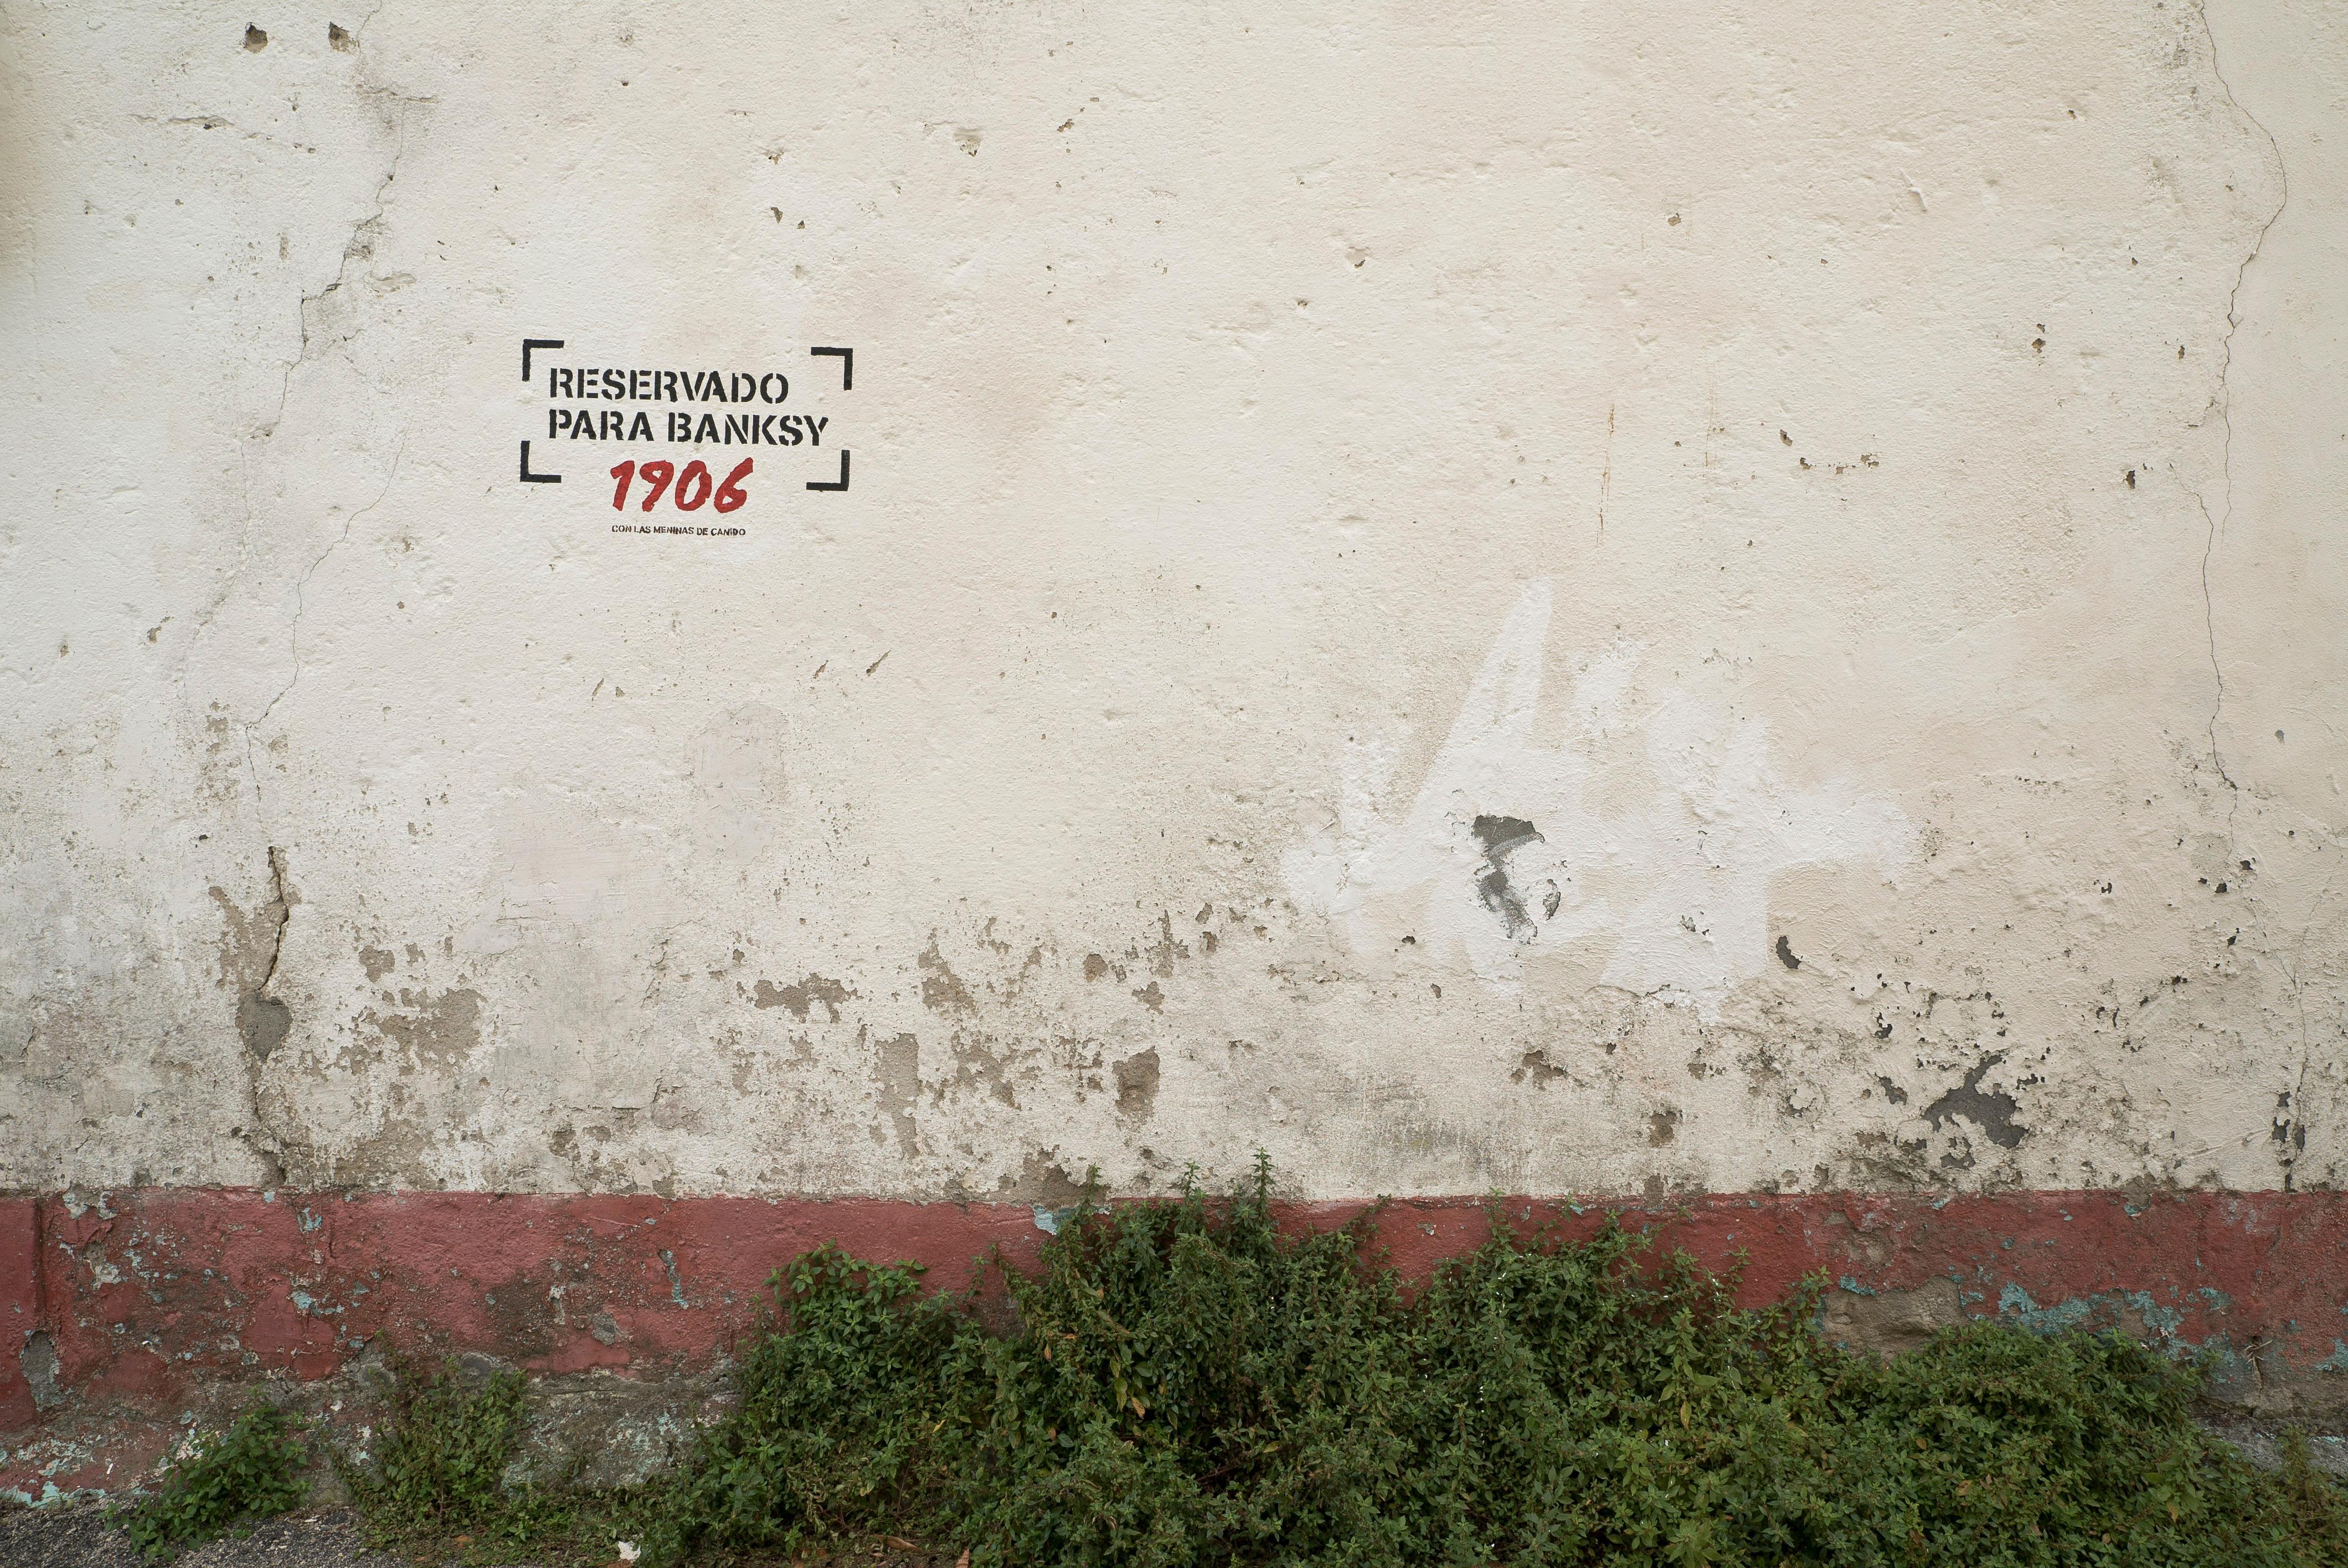 Campaña de 1906 para localizar a Banksy para Las Meninas de Canido